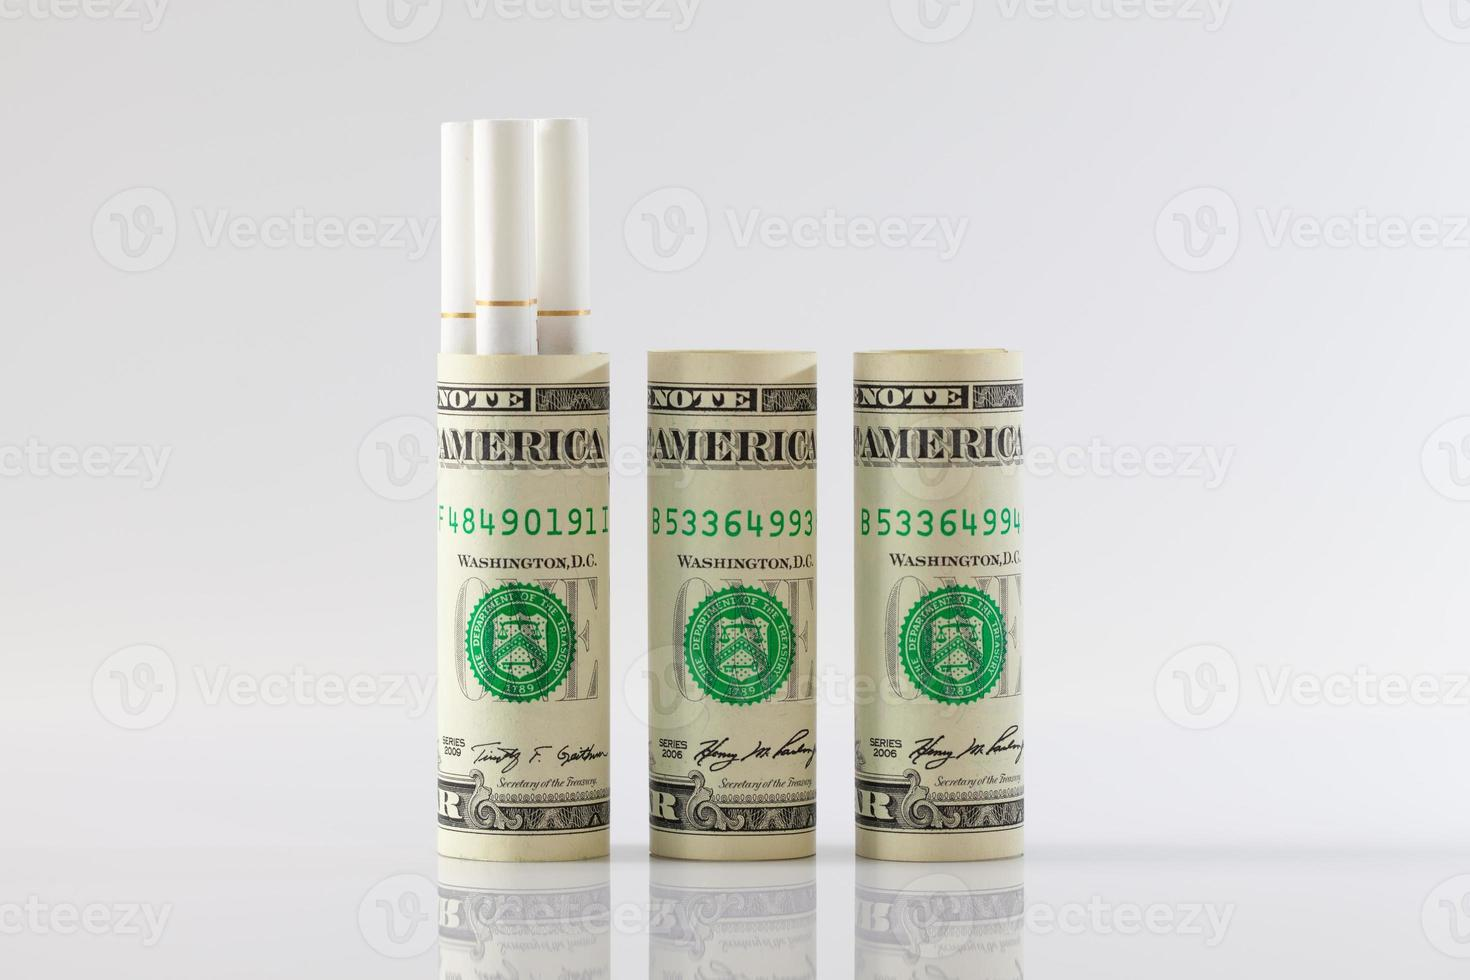 rollen dollarbiljetten en lange sigaretten foto